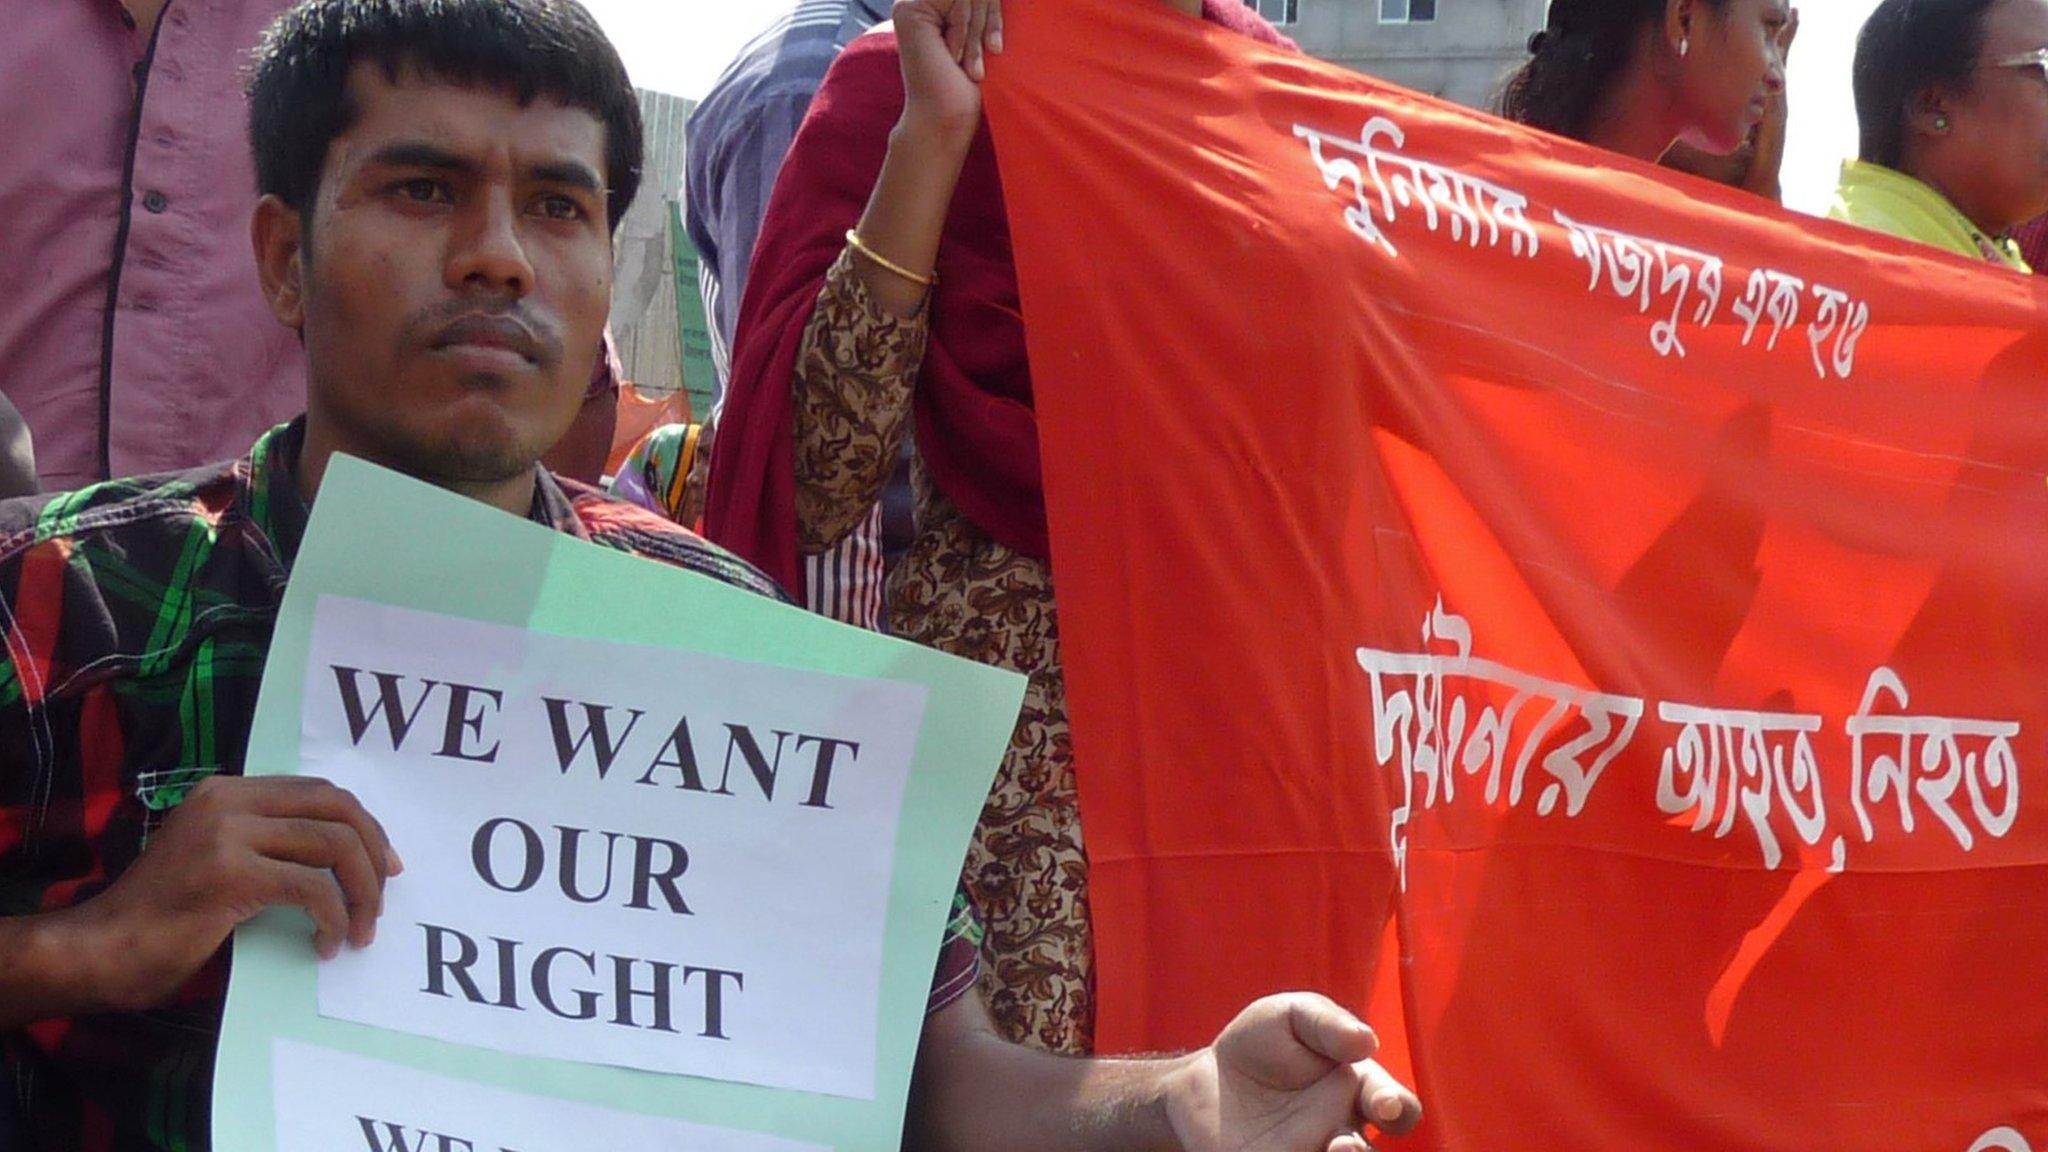 রানা প্লাজা: পাঁচ বছর পরও কাজের সন্ধানে আহত শ্রমিকরা